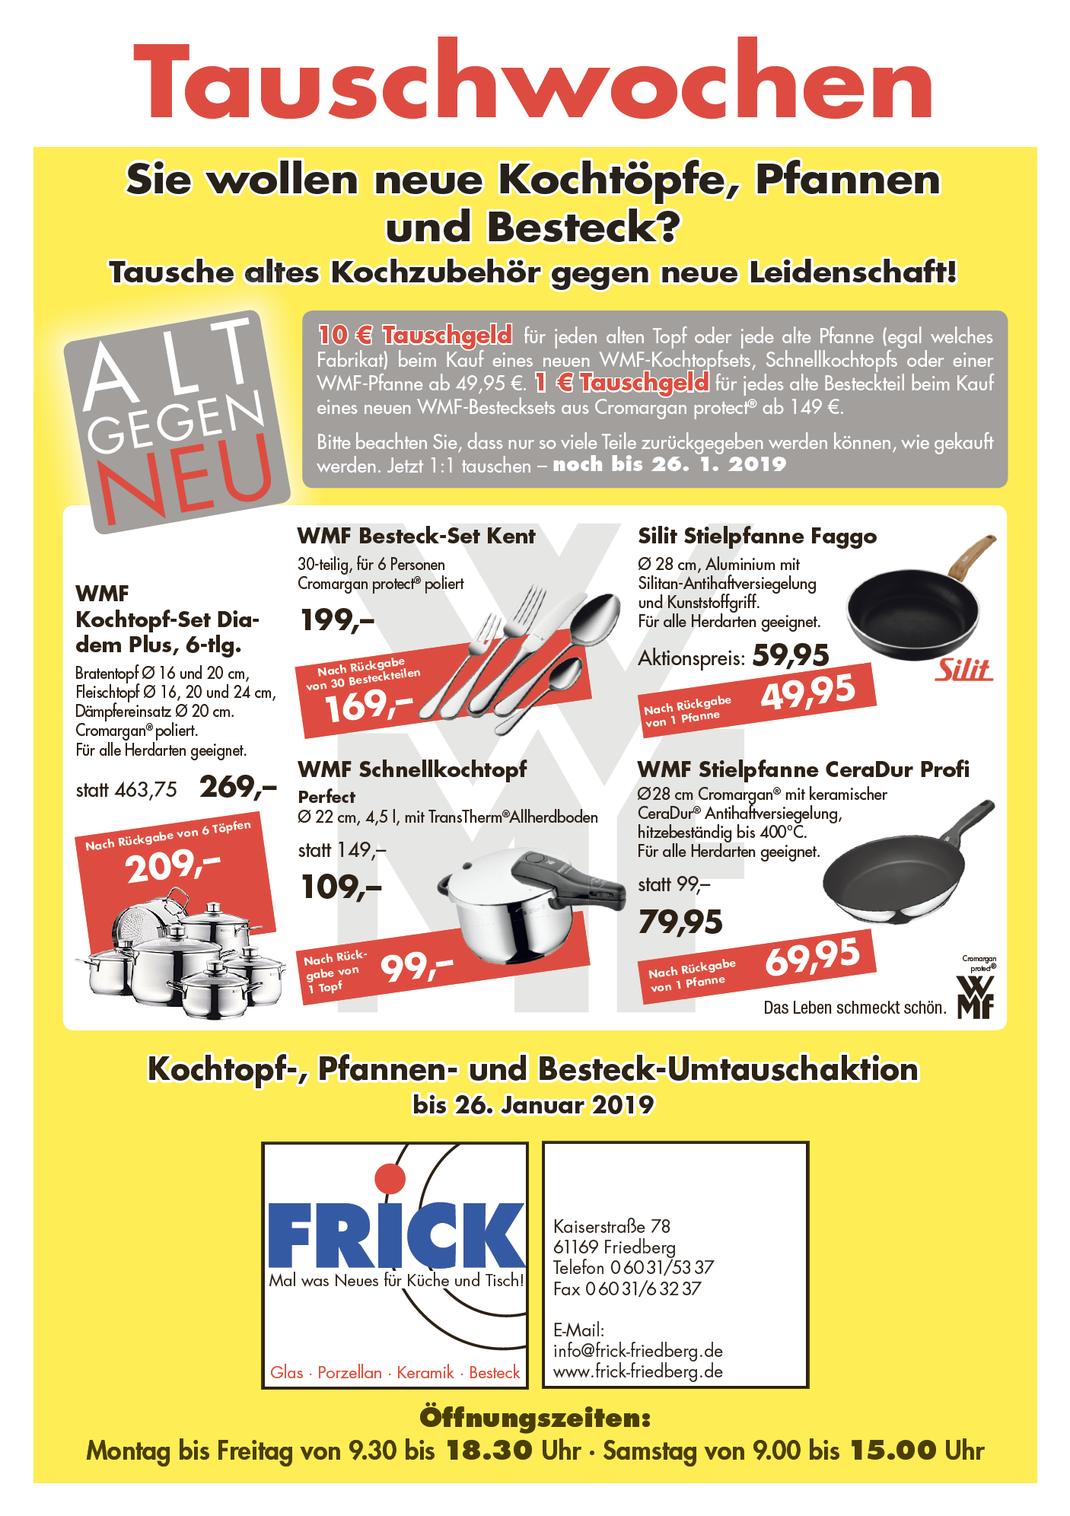 Angebote Aktionen Der Friedberg Hat S Mitglieder Friedberg Hat S